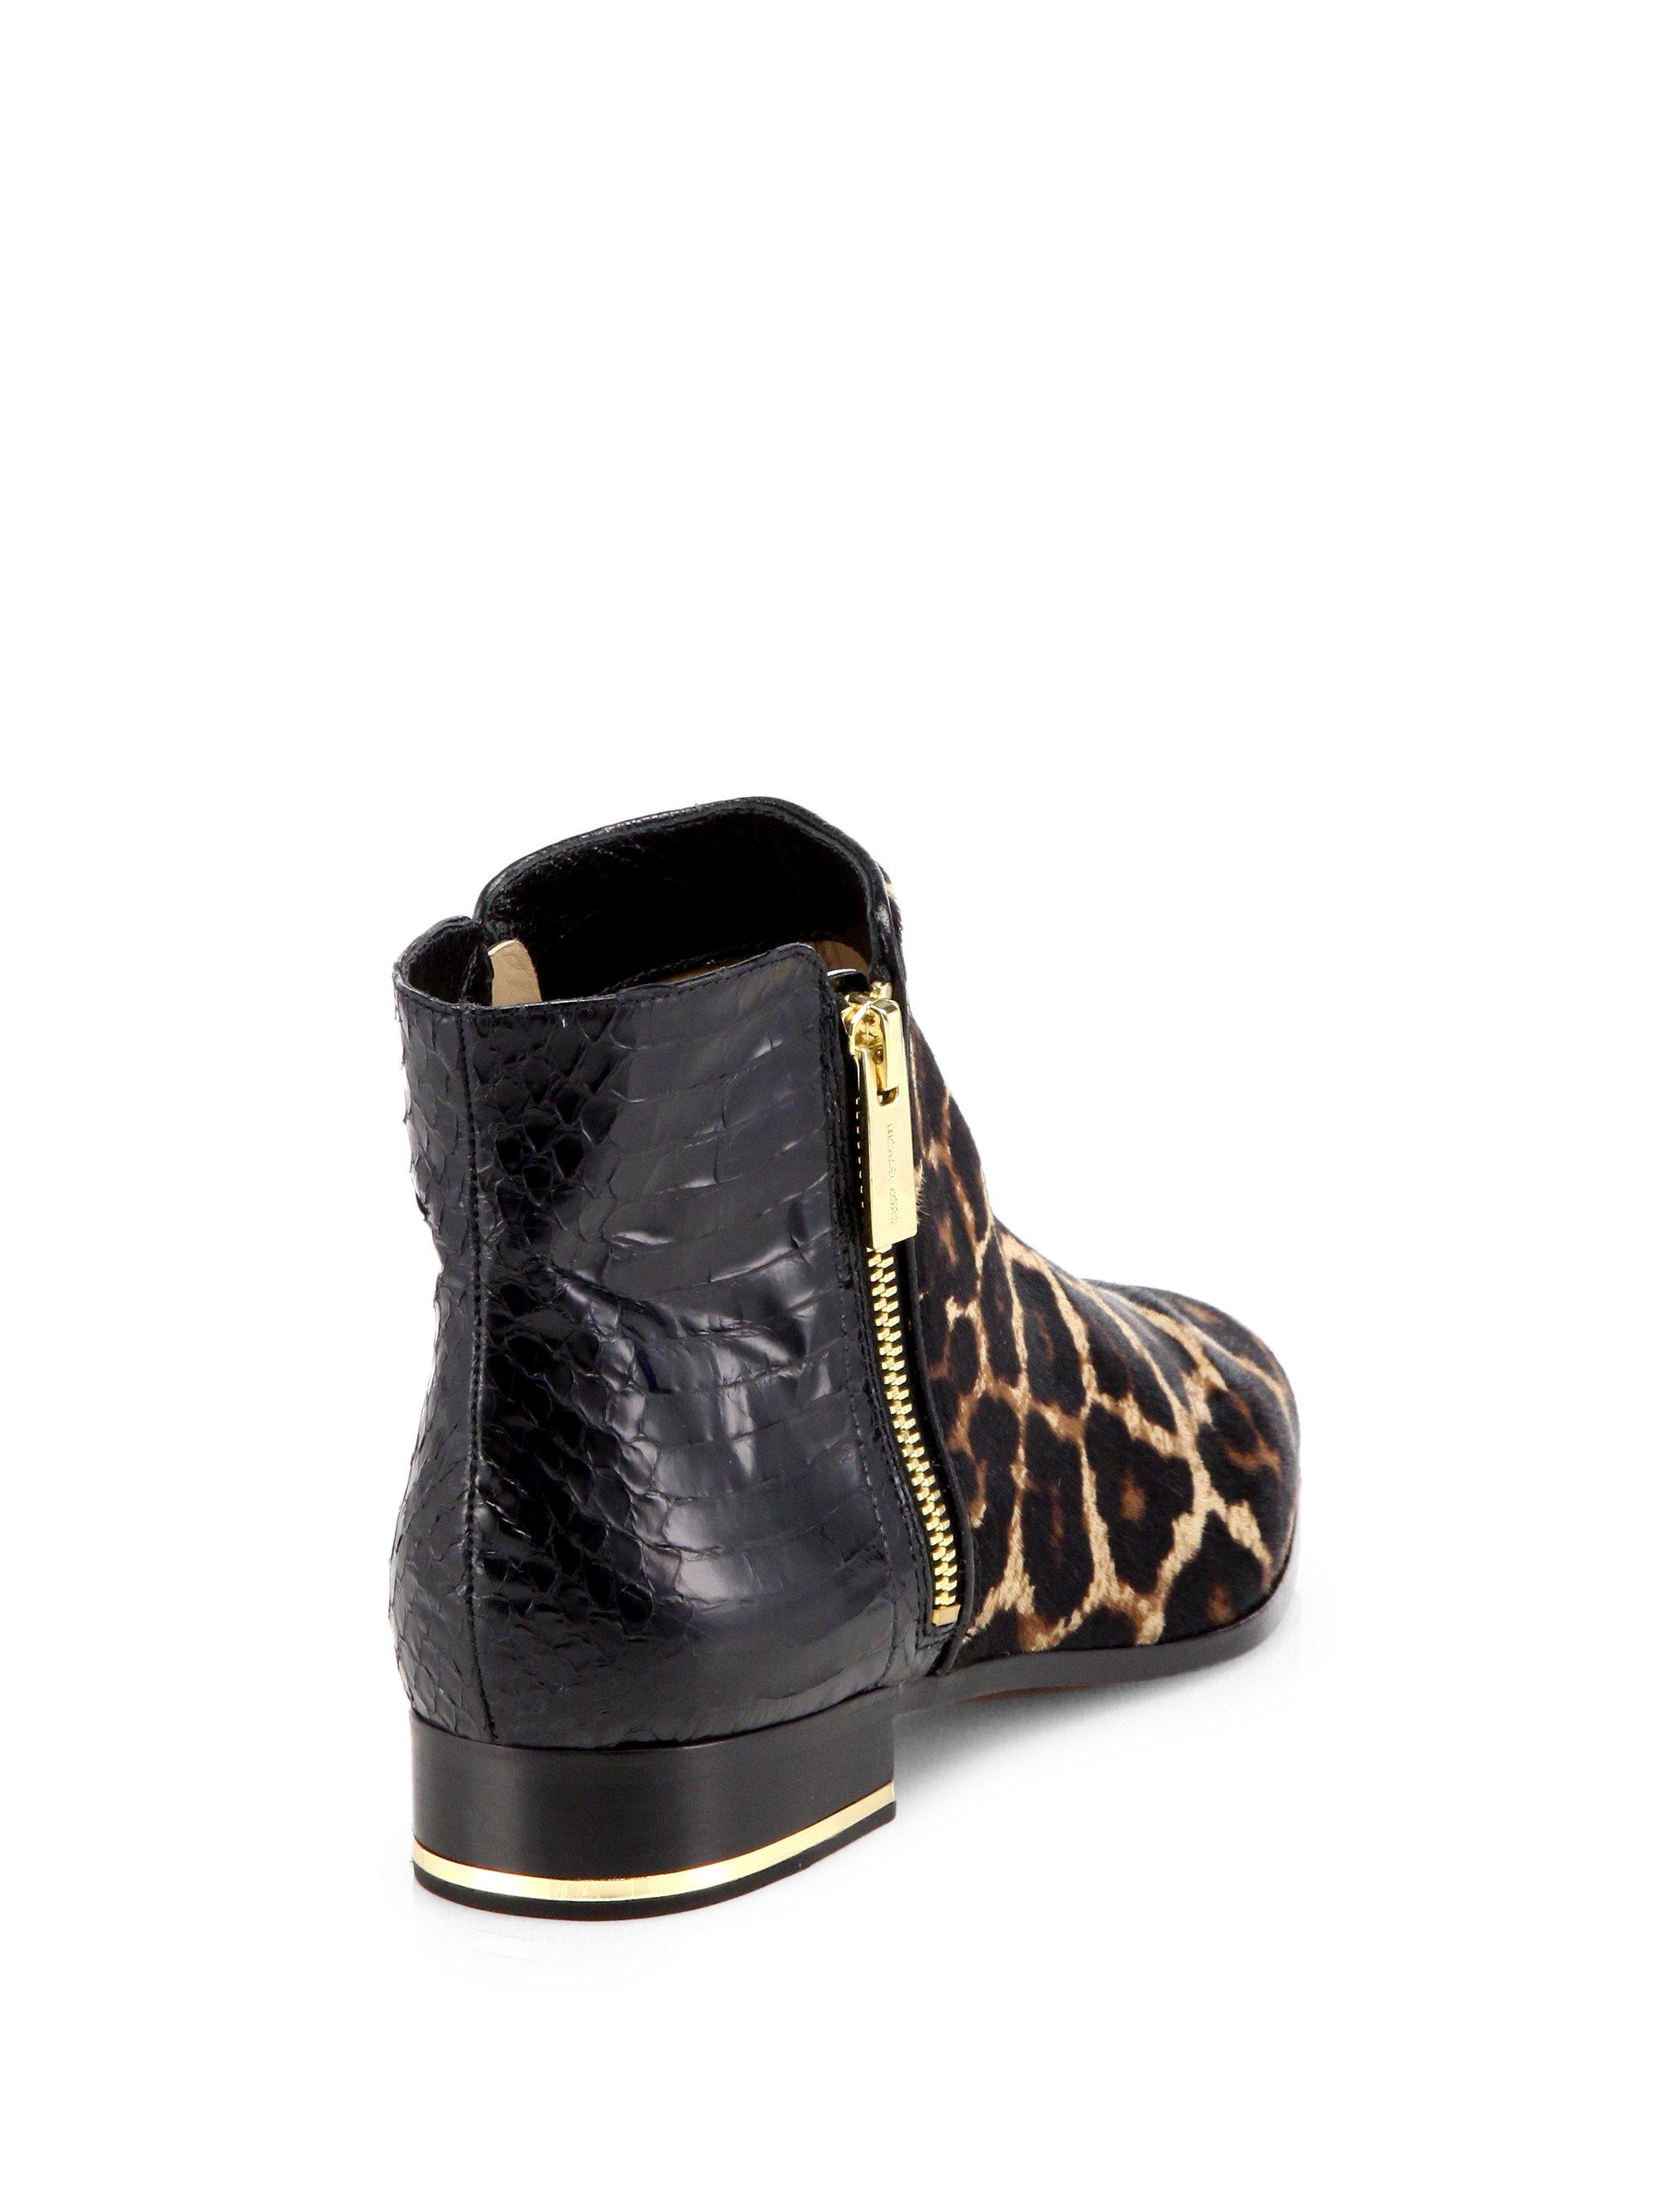 Moschino Snake Skin Women S Shoes